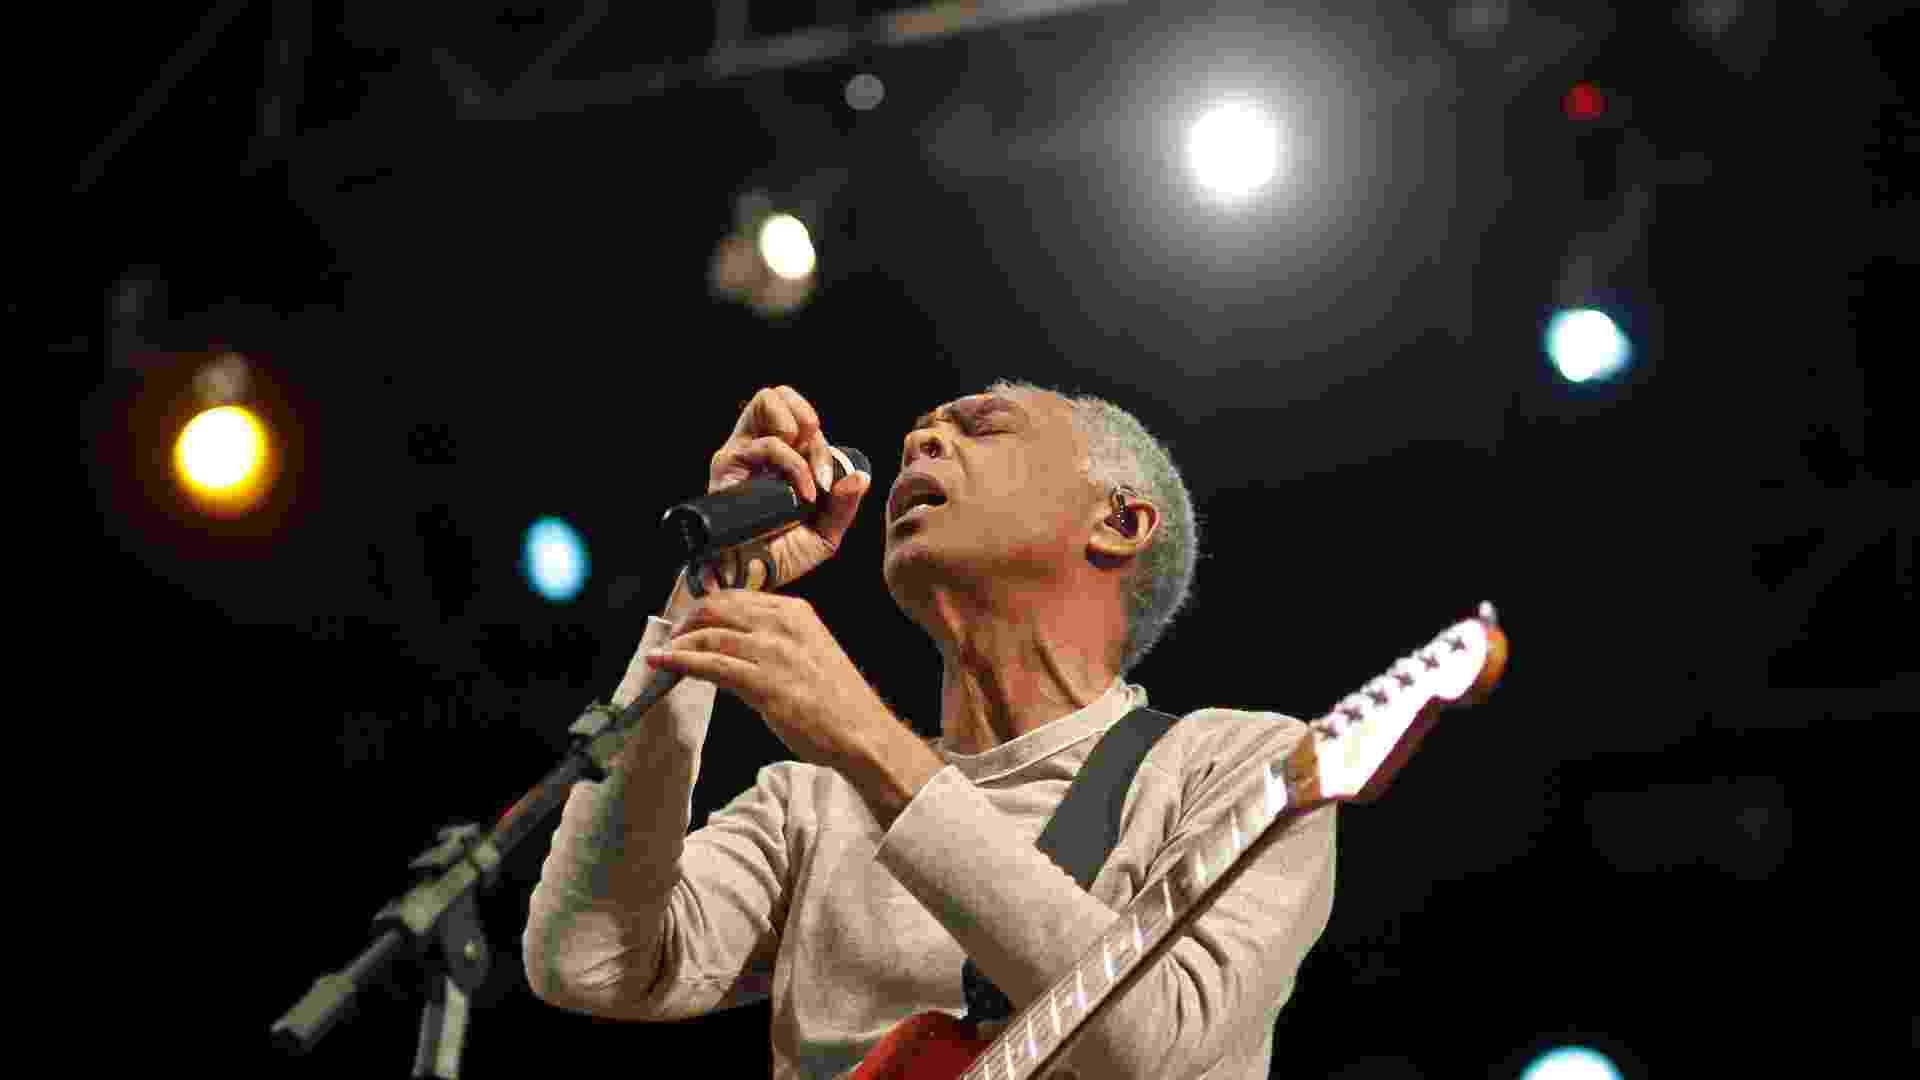 O cantor Gilberto Gil encerra a Virada Cultural com apresentação no palco Júlio Prestes, decicado a música negra (6/5/12) - Leandro Moraes/UOL